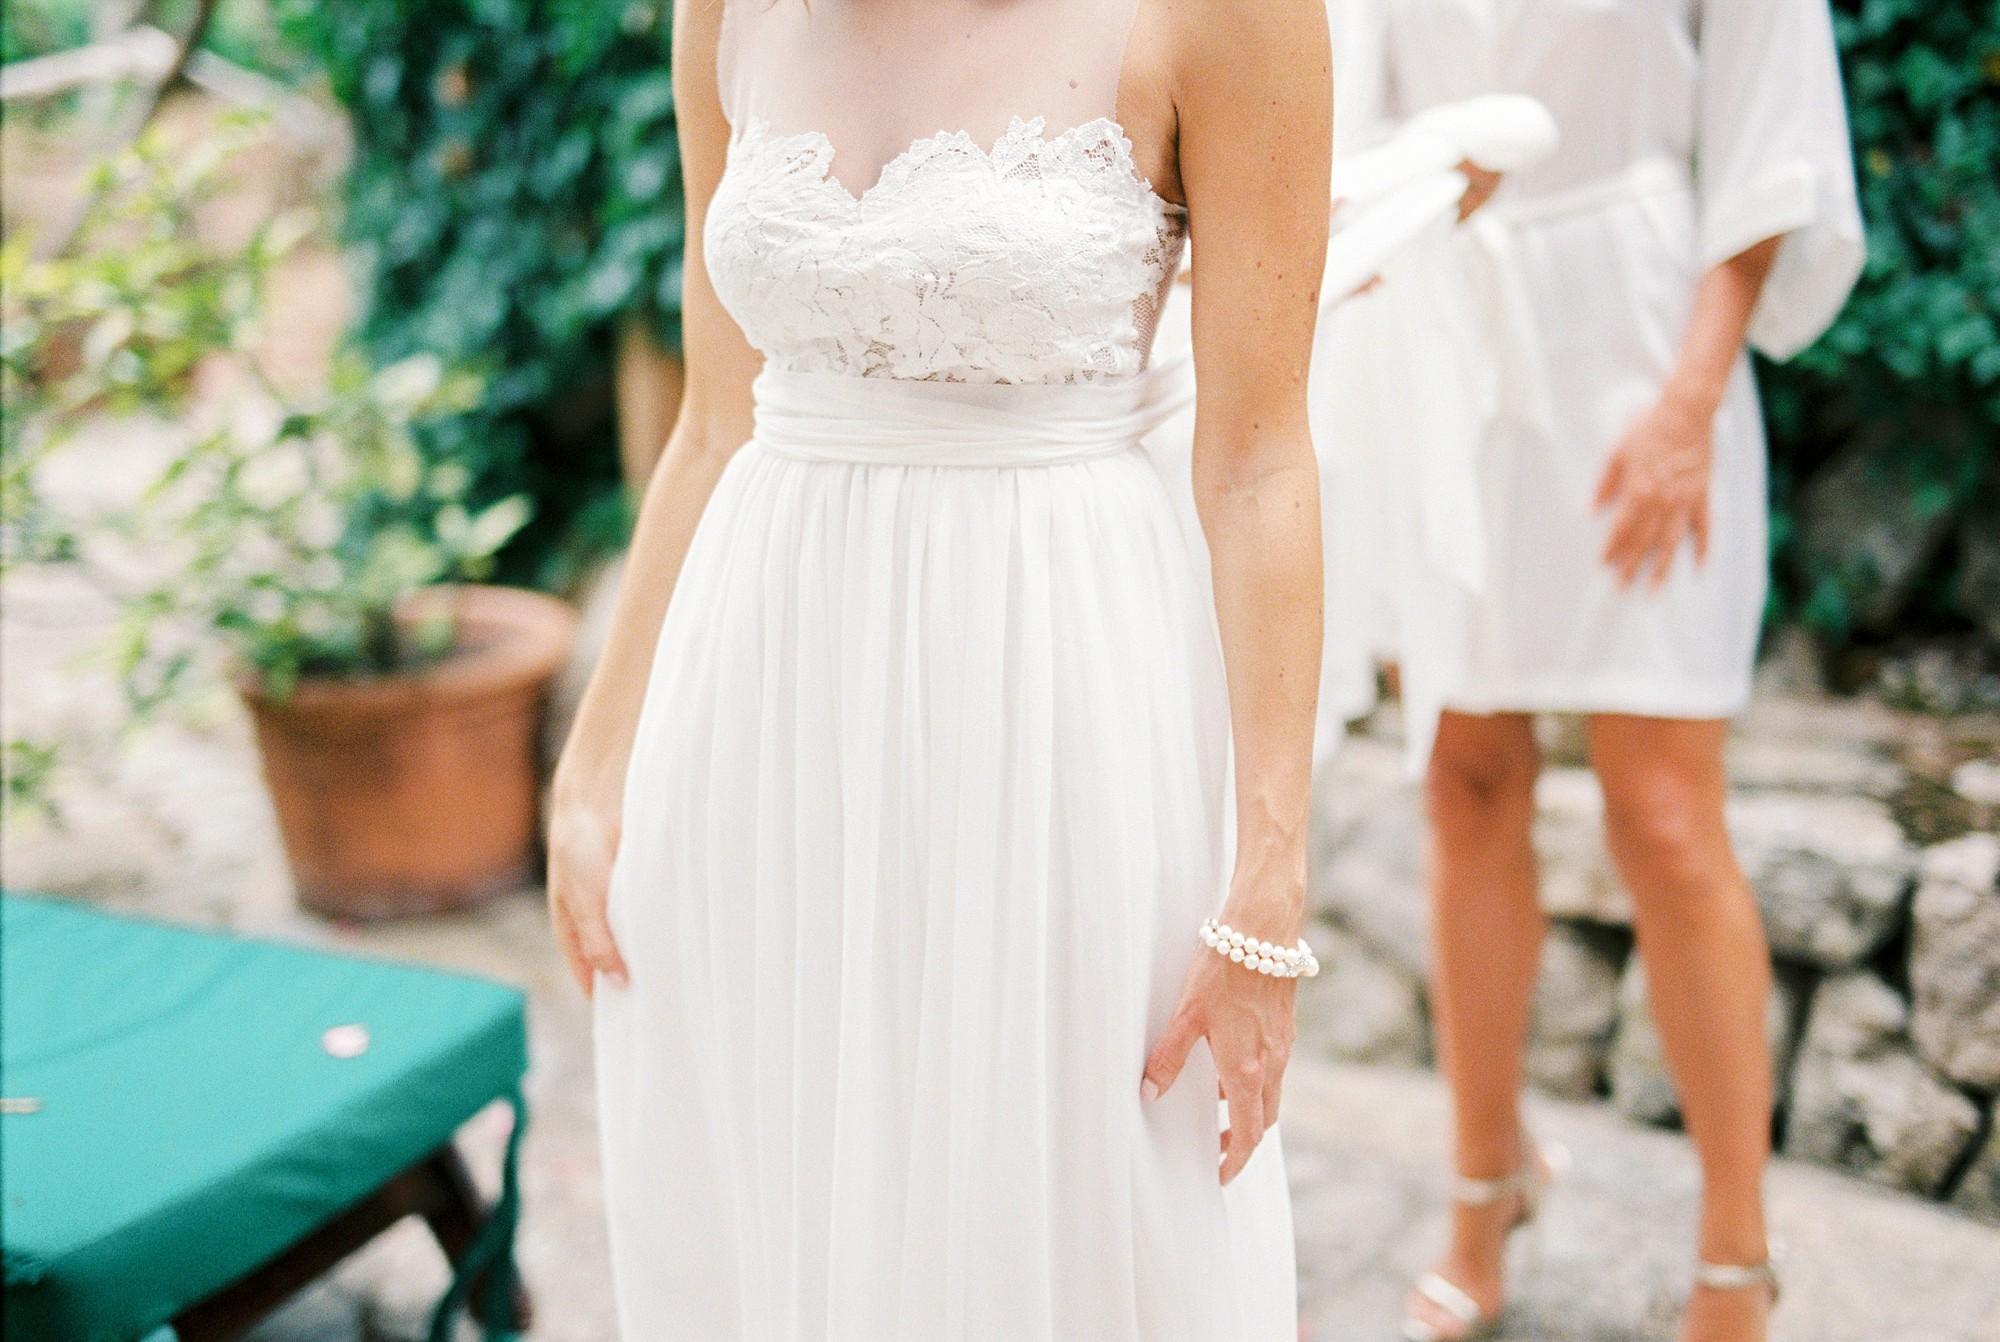 fotografos de boda en valencia barcelona mallorca wedding photographer043.jpg